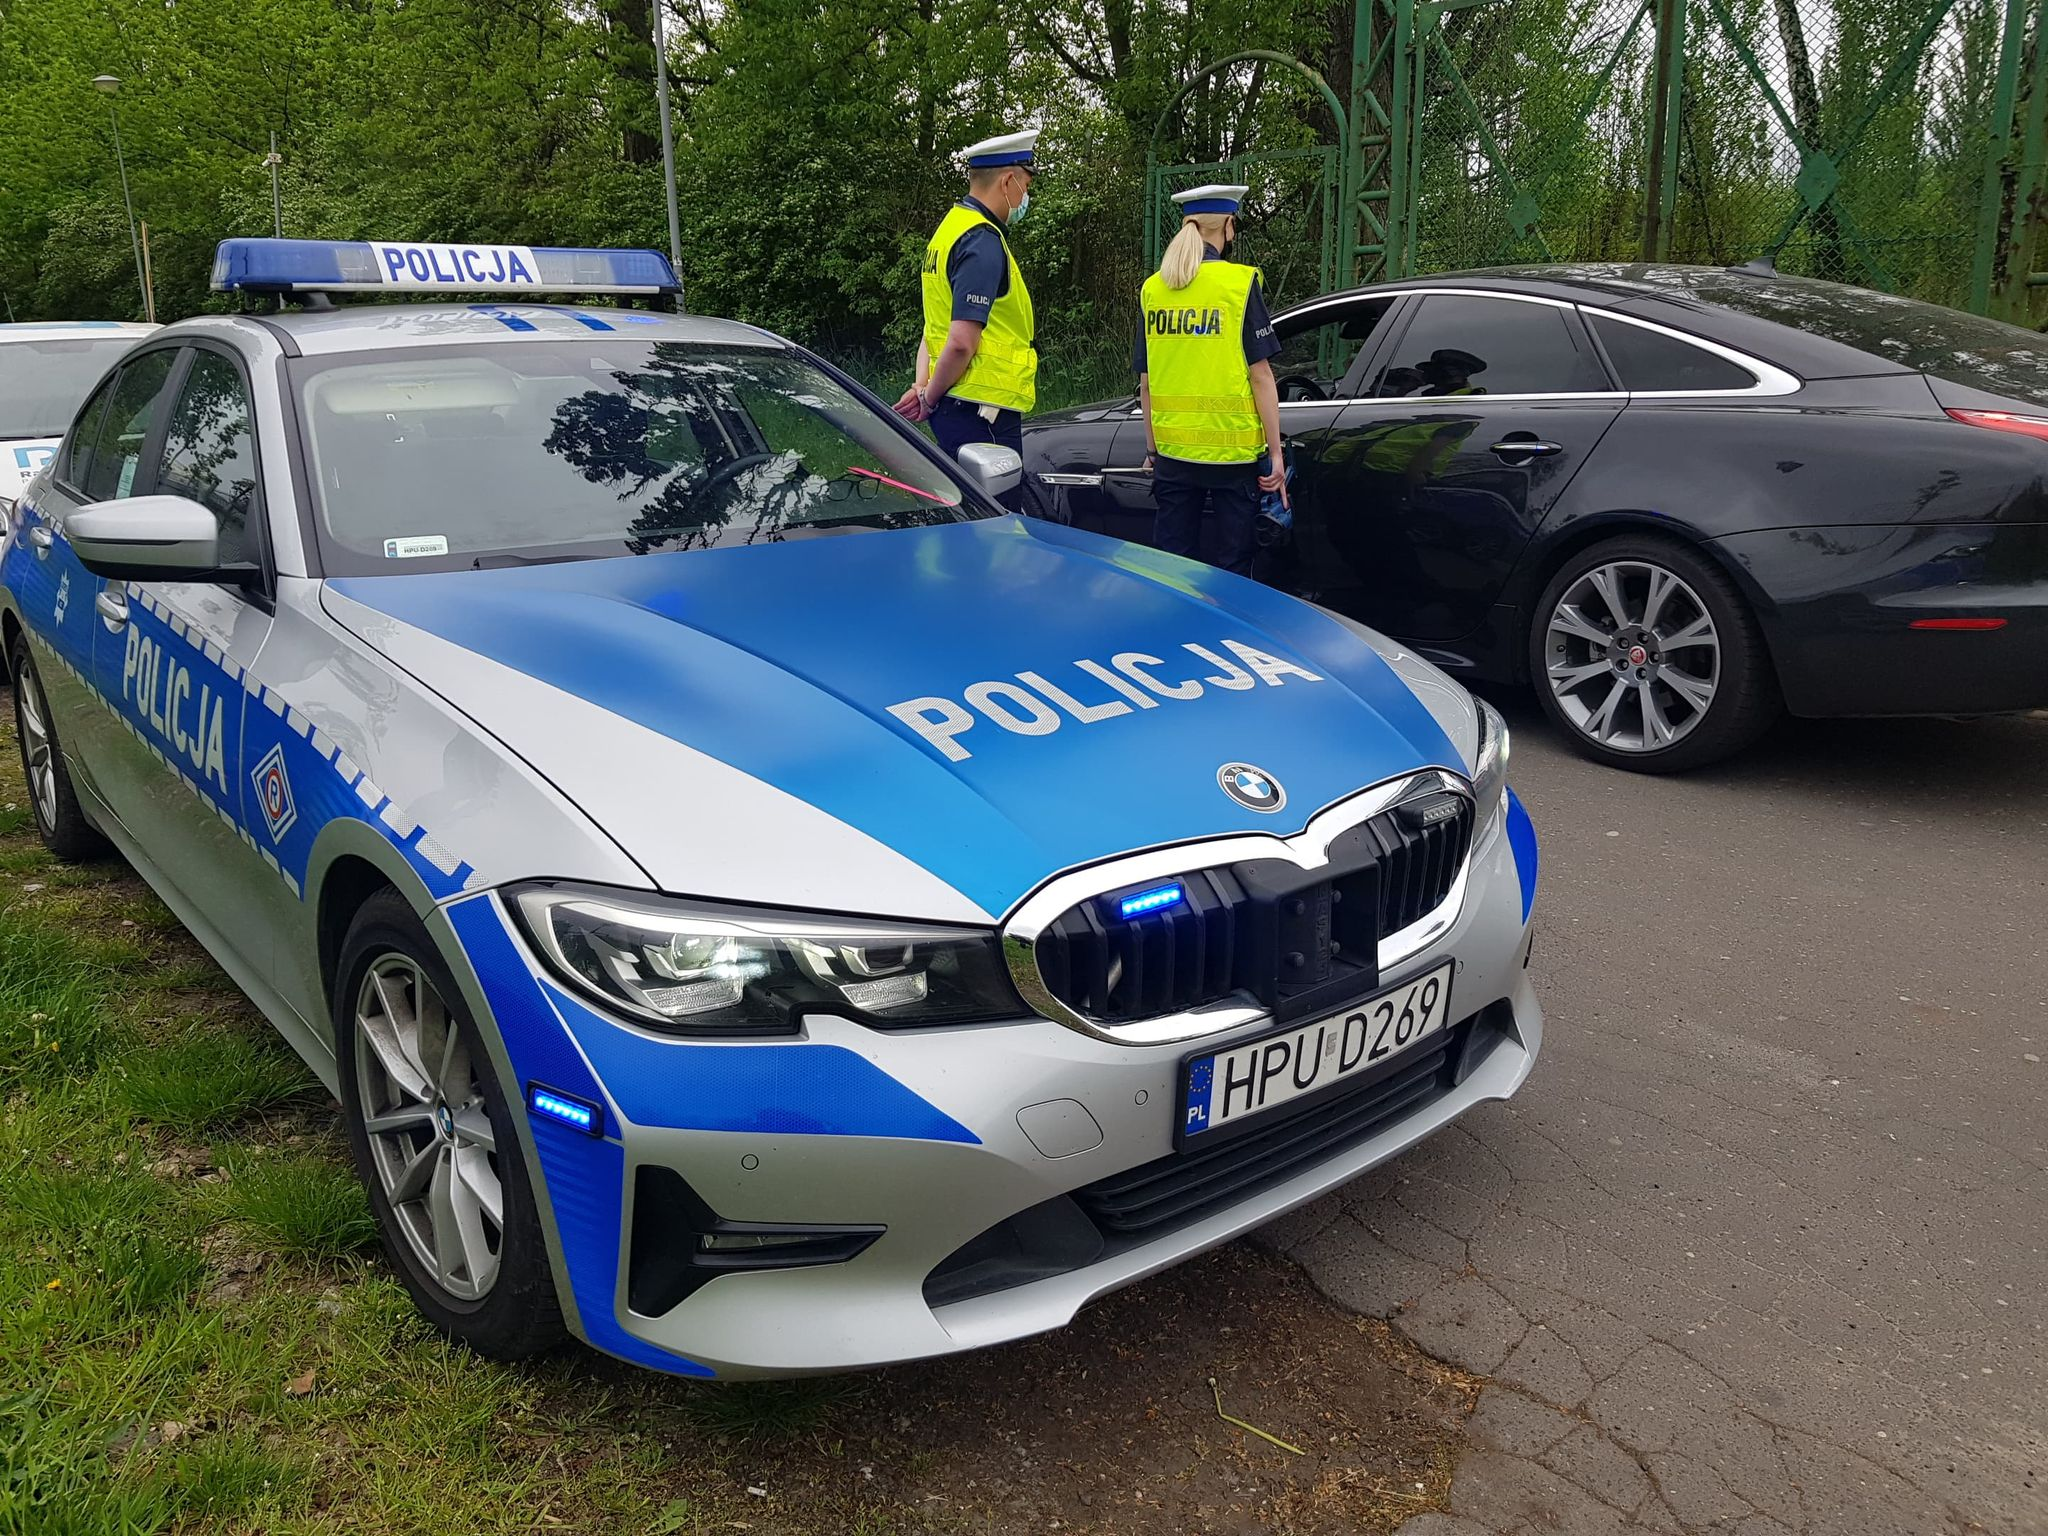 pomiar prędkości policja  - Hubert Jach